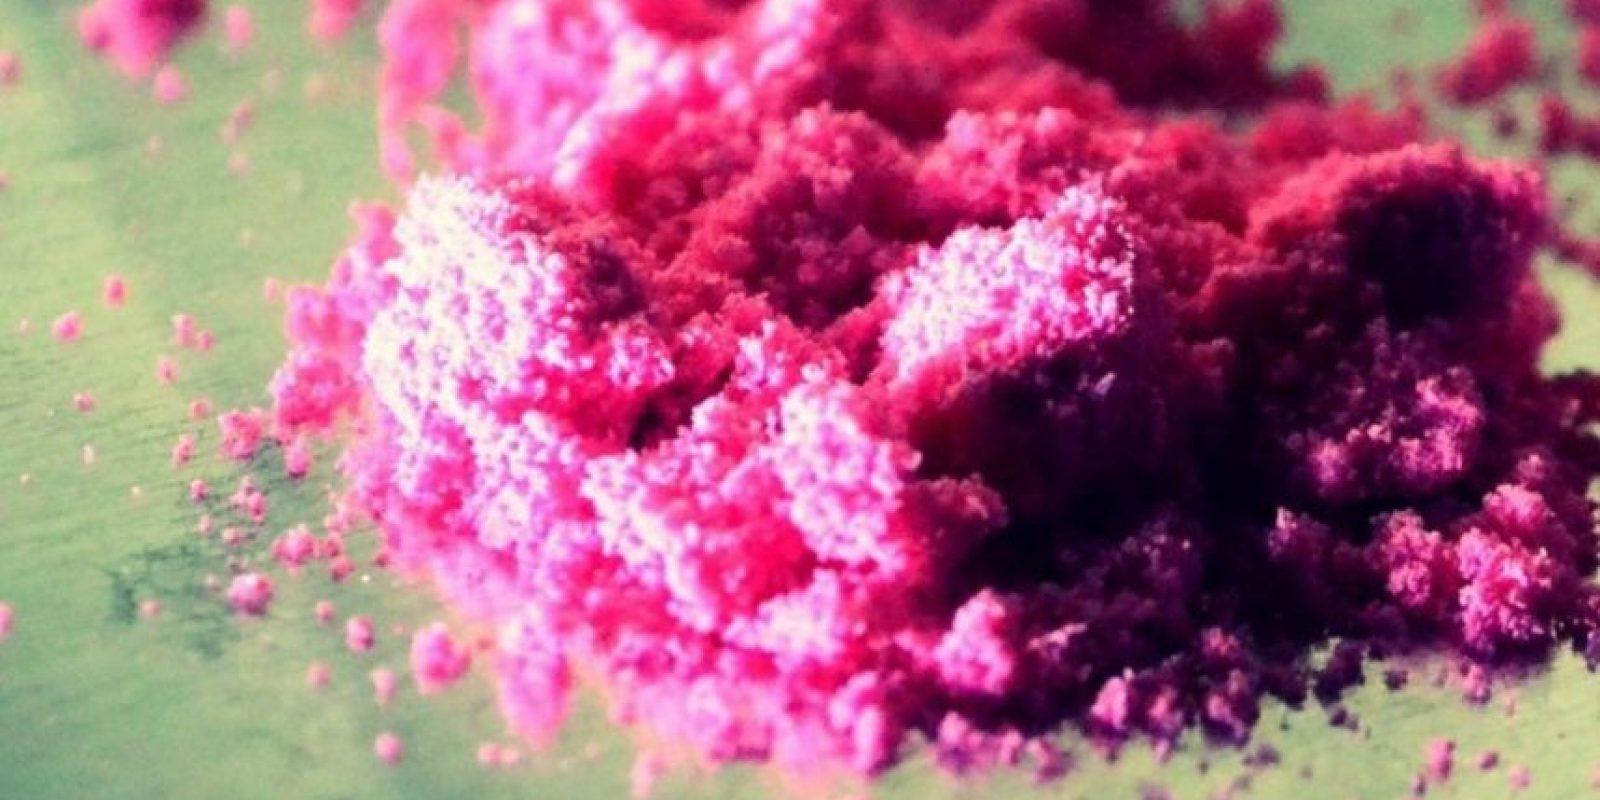 2CB: También se le conoce con otro nombre, cocaína rosada. Es una de las drogas sintéticas más caras y de las más apetecidas por las élites. El kilo, según reportó la Revista Semana hace dos años, puede costar 416 mil dólares. No se consigue fácilmente, es para círculos exclusivos, y nació en los años 70, en Alemania. Esta viene en pastillas, cápsulas o polvo de colores. Los efectos se prolongan de dos a cuatro horas, pero inhalada su efecto es más rápido. Foto:vía ÉcheleCabeza